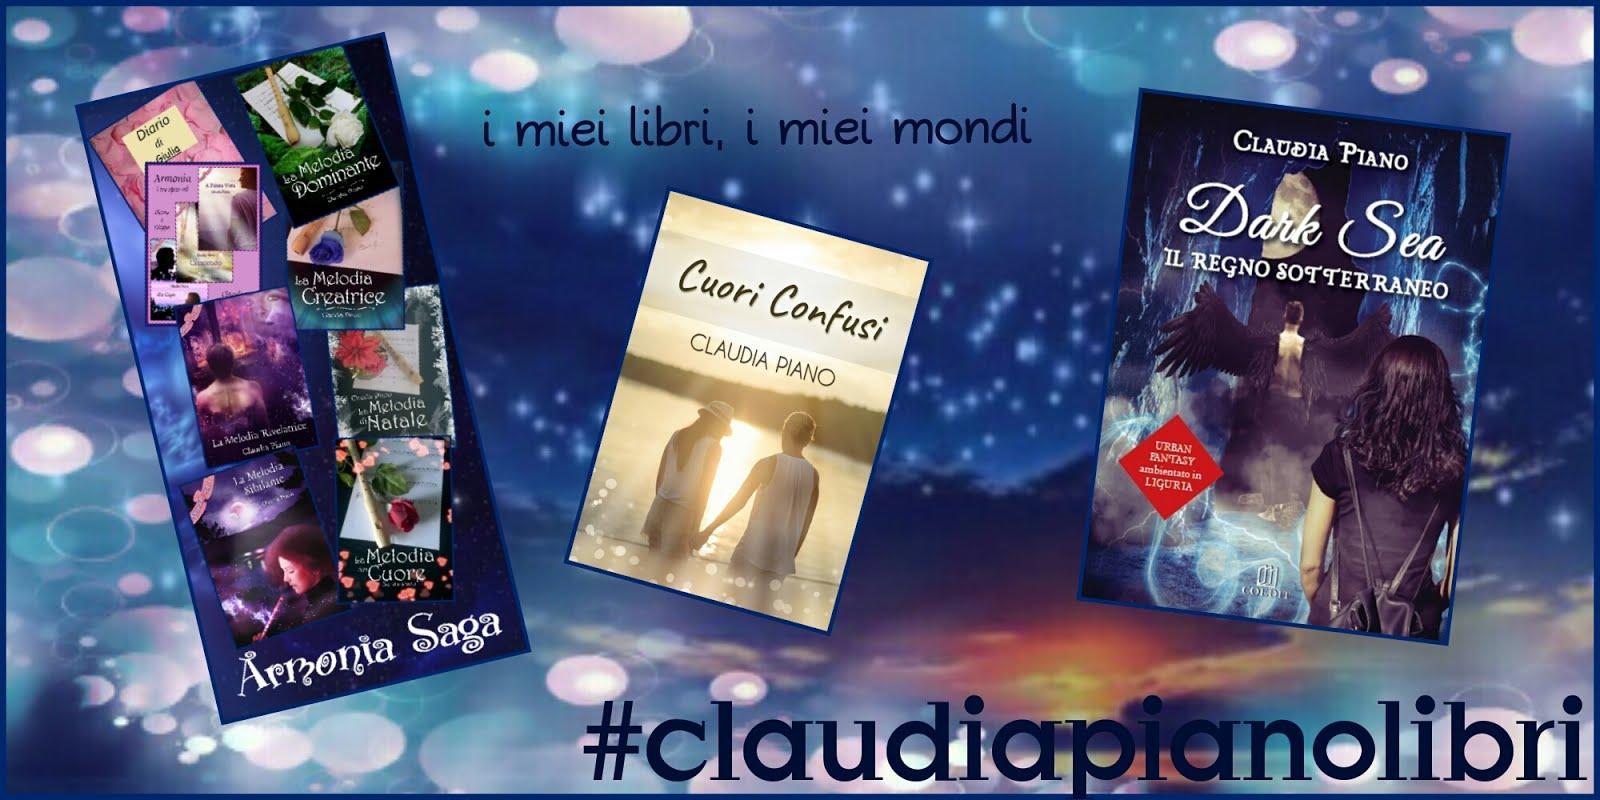 #claudiapianolibri